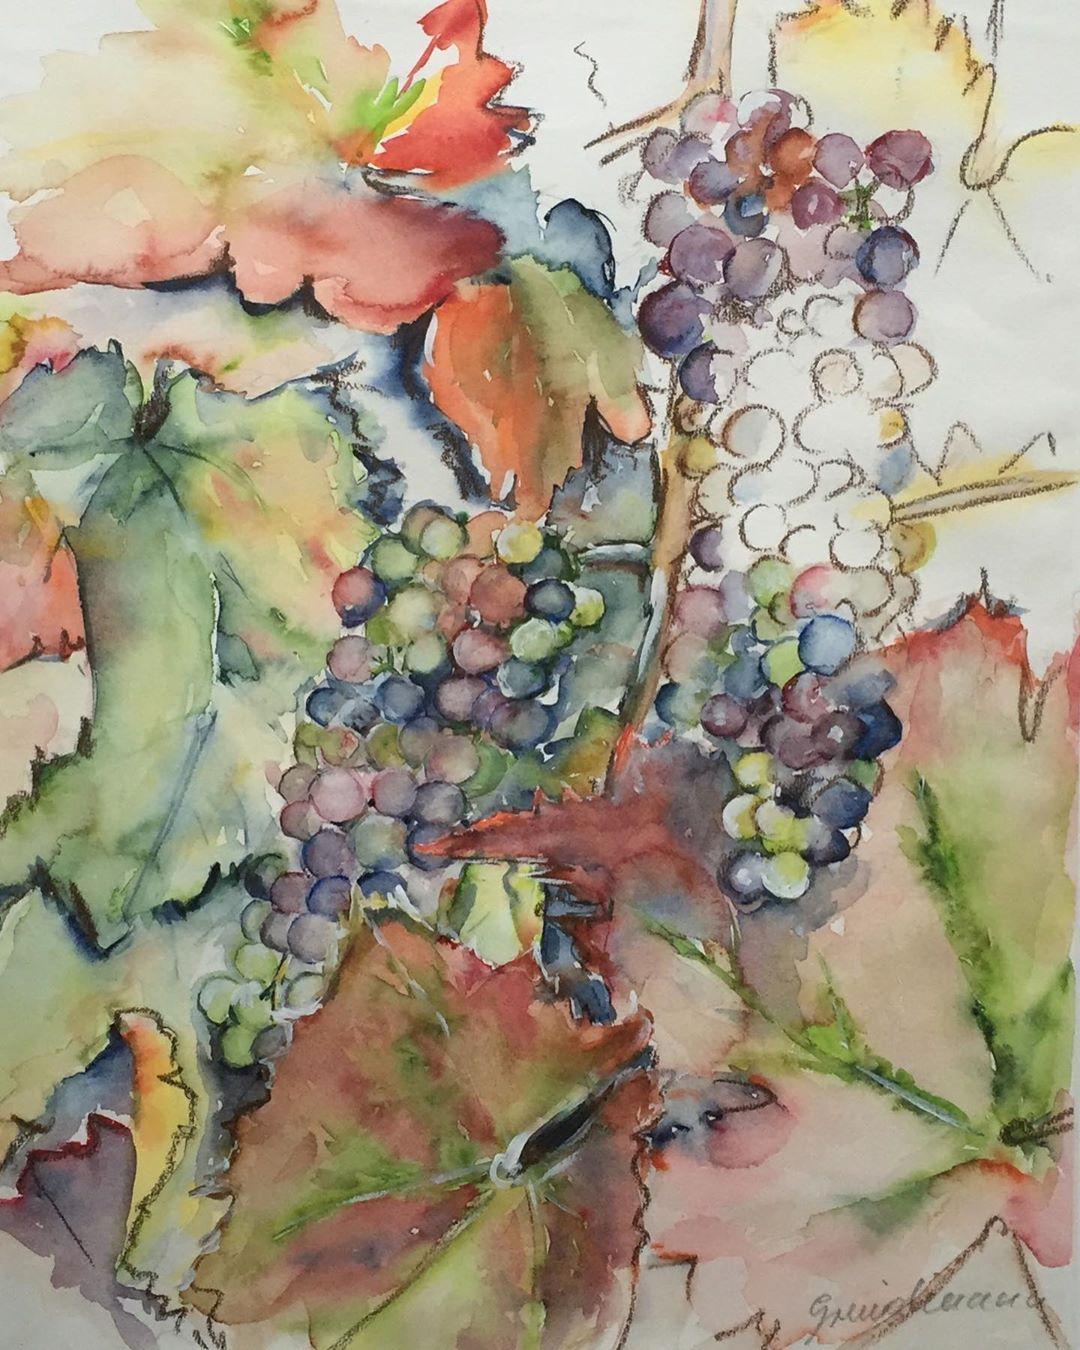 Weintrauben Art Aquarell Aquarella Aquarelle